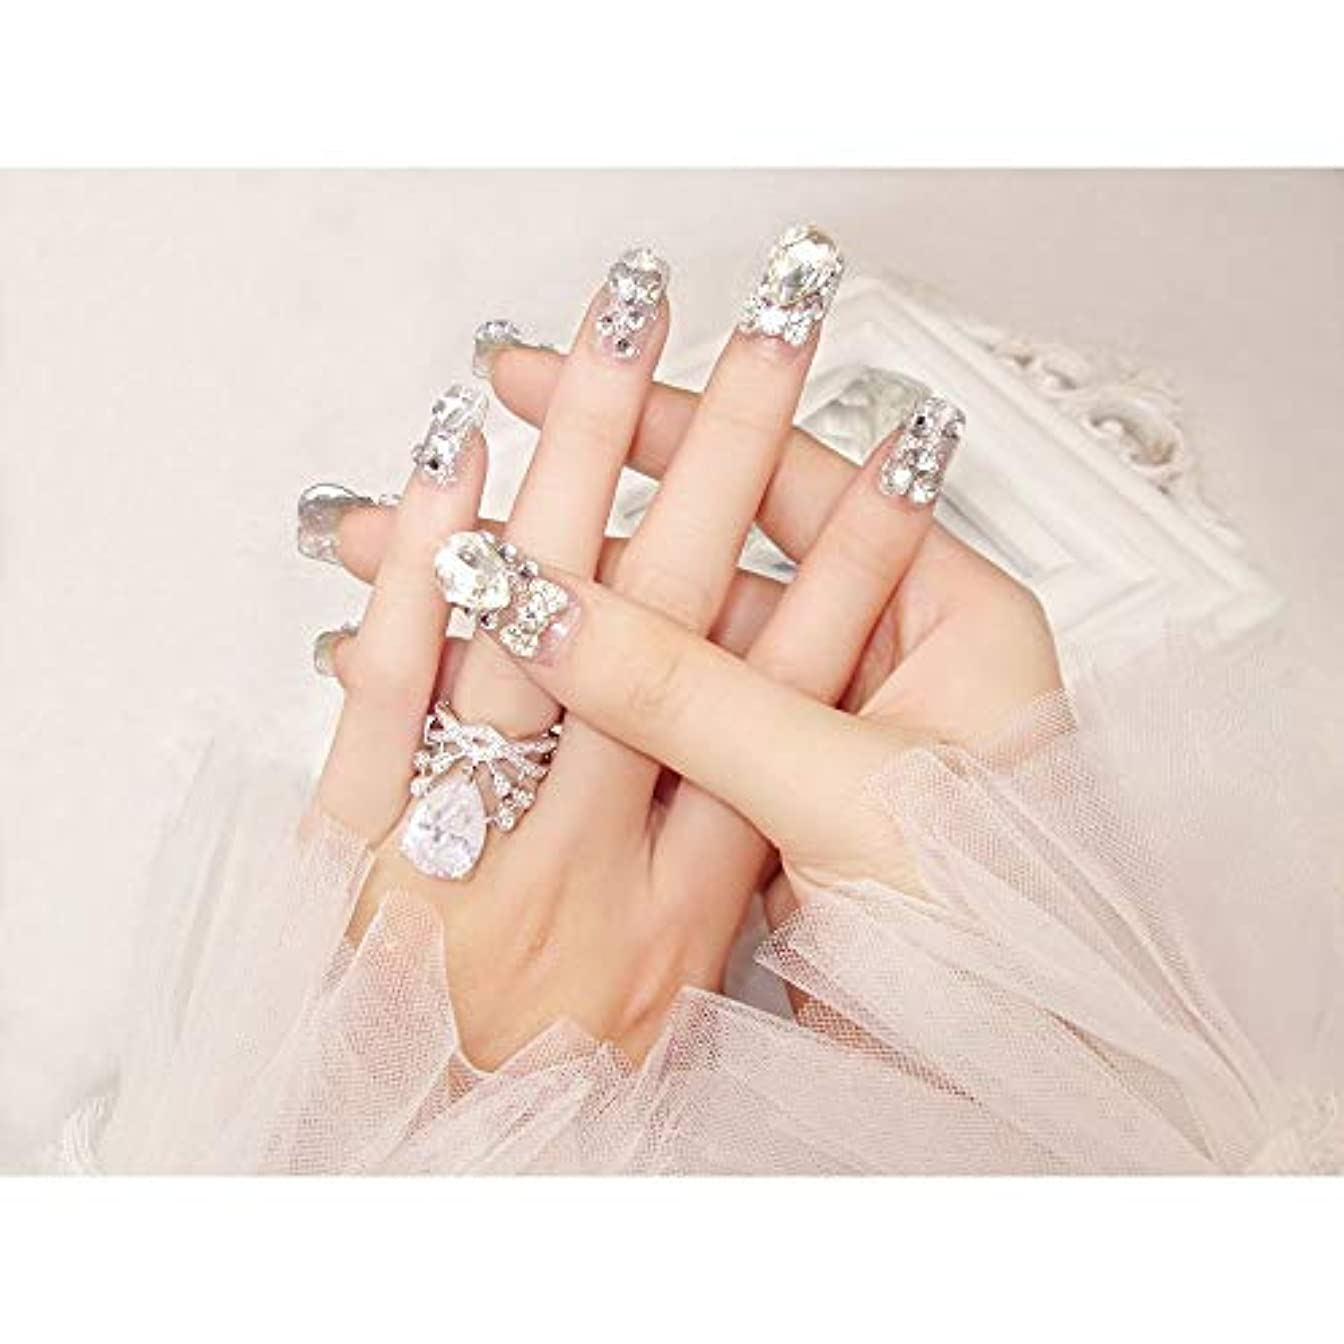 のため甘やかすスワップBOBIDYEE 完成した偽の釘24ピース箱入り花嫁シャイニー偽の爪の宝石ダイヤモンドの宝石ブライダルネイルステッカー (色 : 24 pieces)